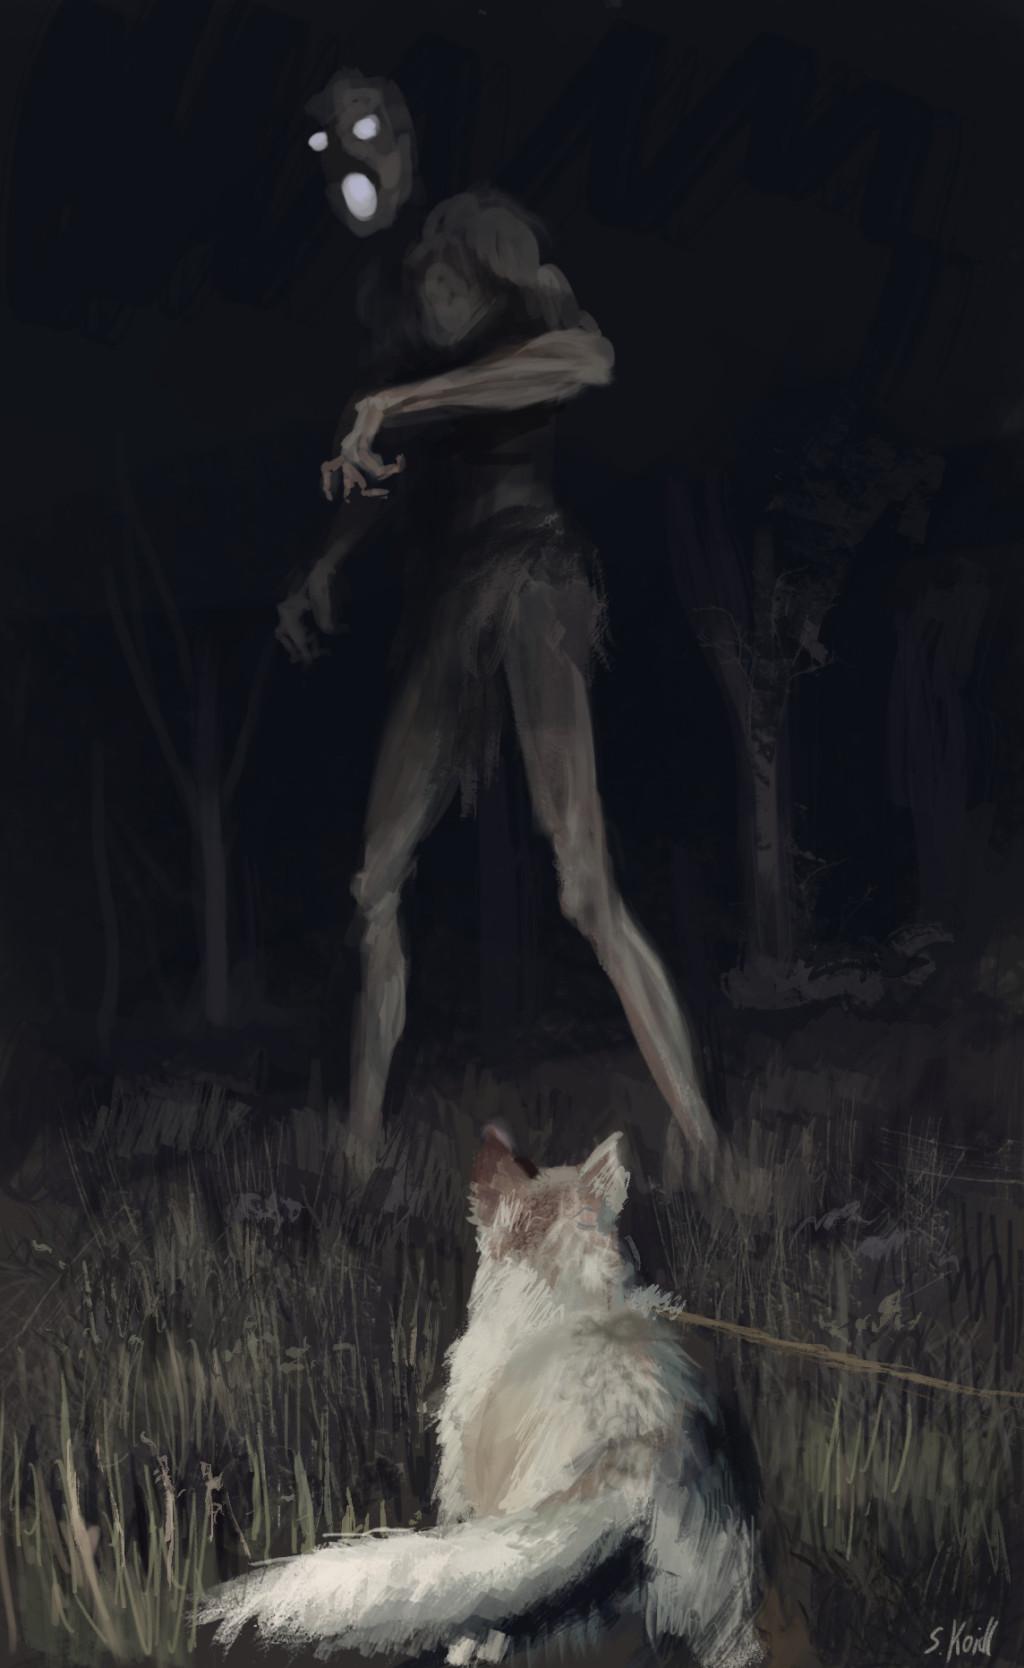 21張把大家小時候「惡夢」現實化的恐怖彩色插畫,背對你的長髮白衣女...